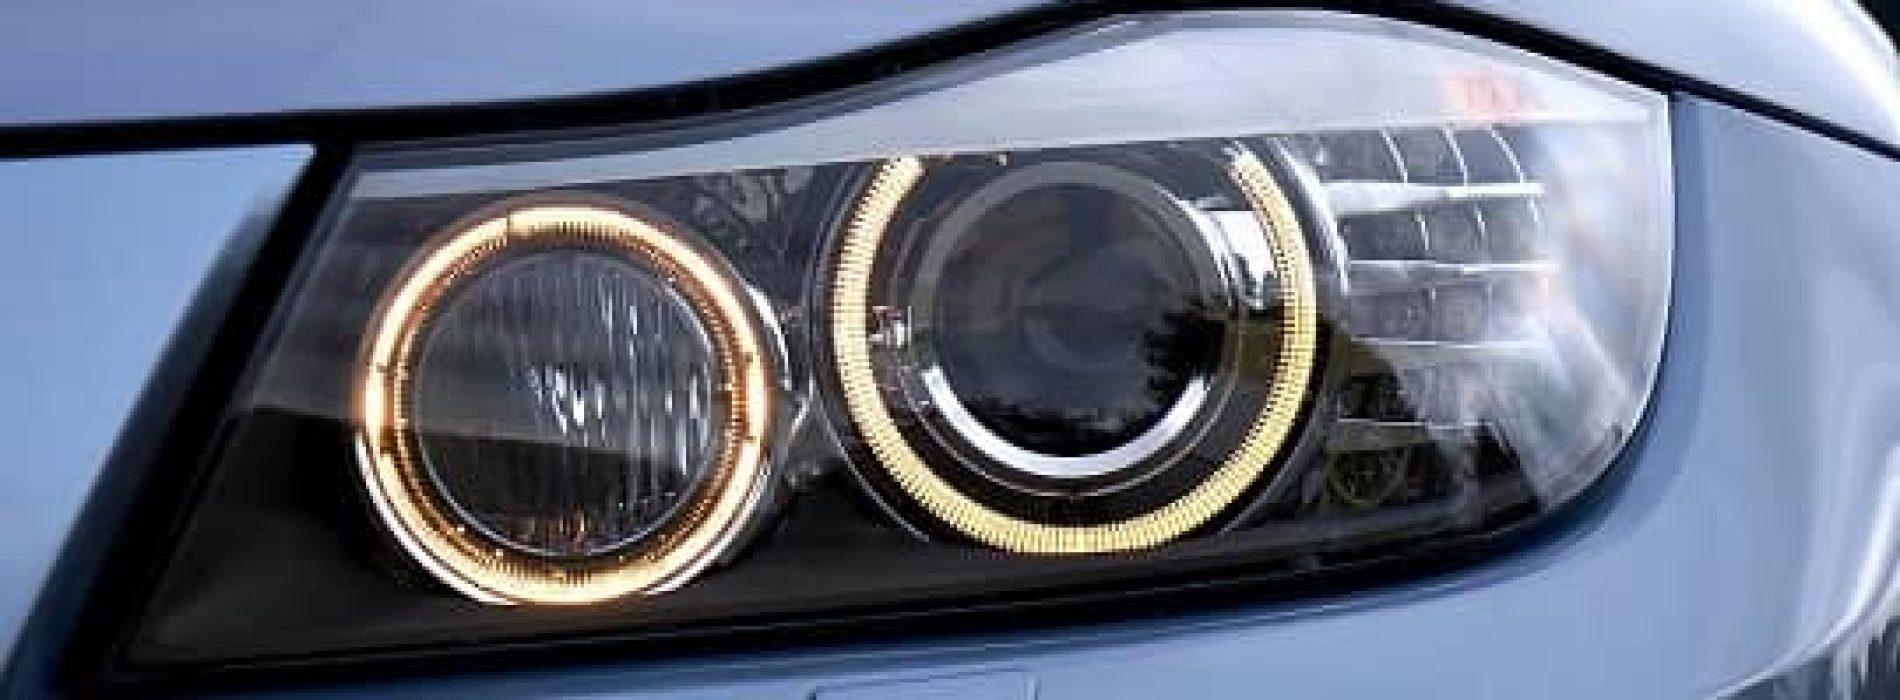 Xenon eller halogen, hva er best til bilen?